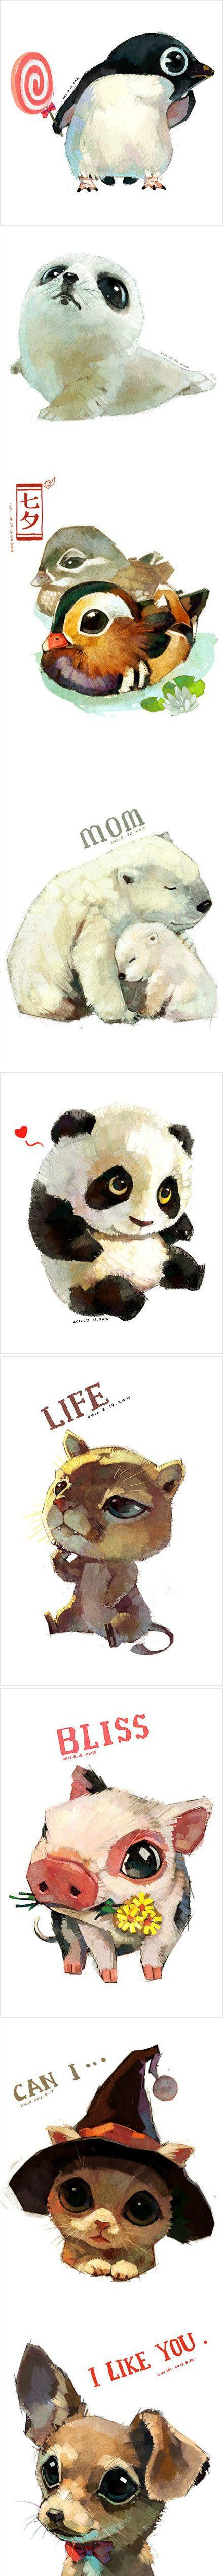 30 illustrations graphiques autour des animaux - Inspiration graphique #9...So…